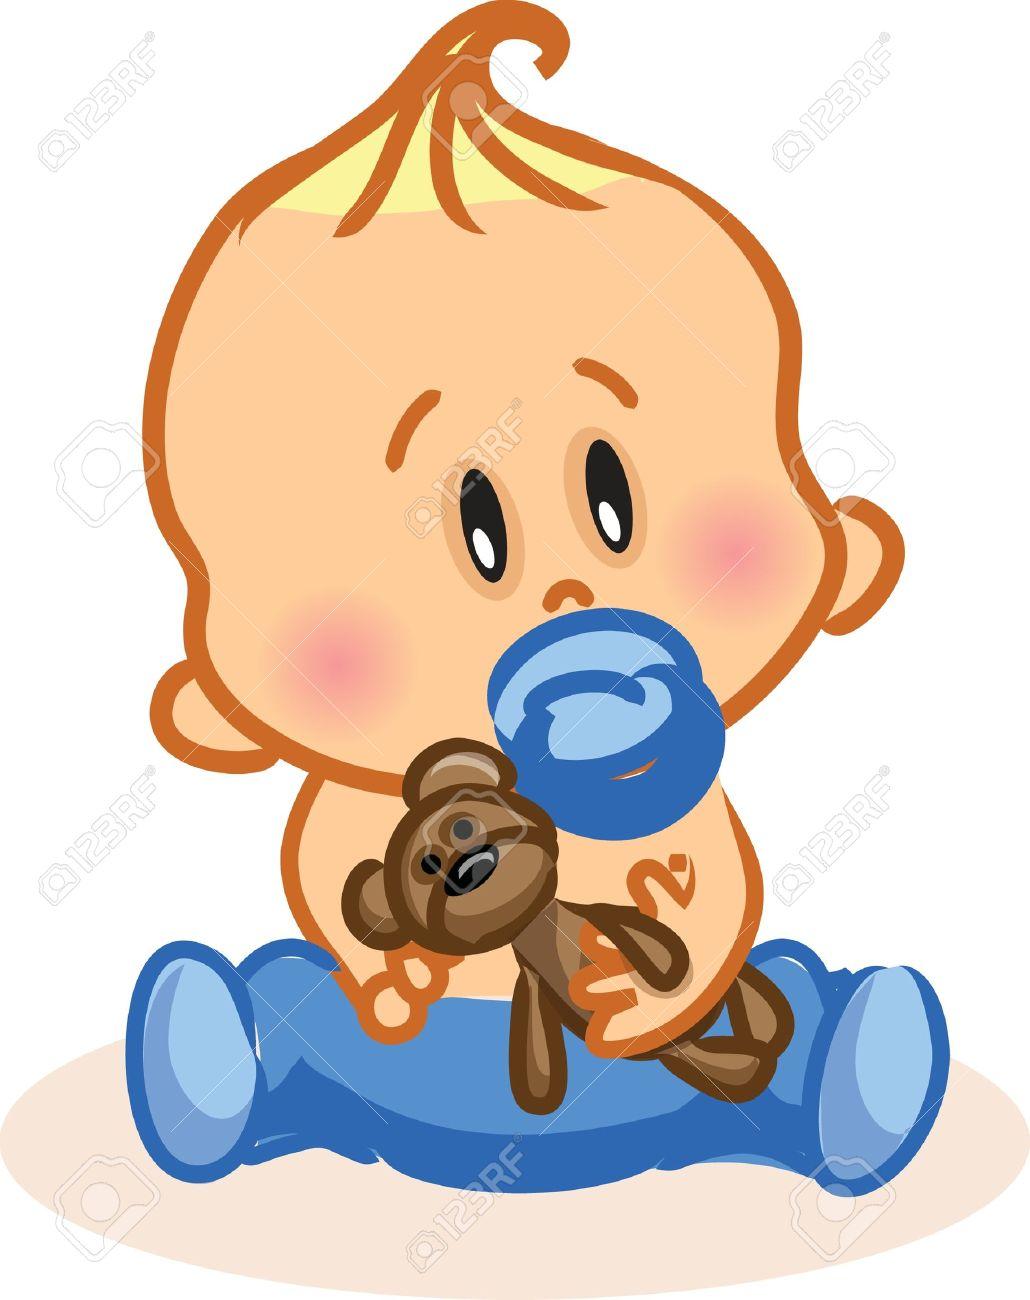 Afbeeldingsresultaat voor baby jongen